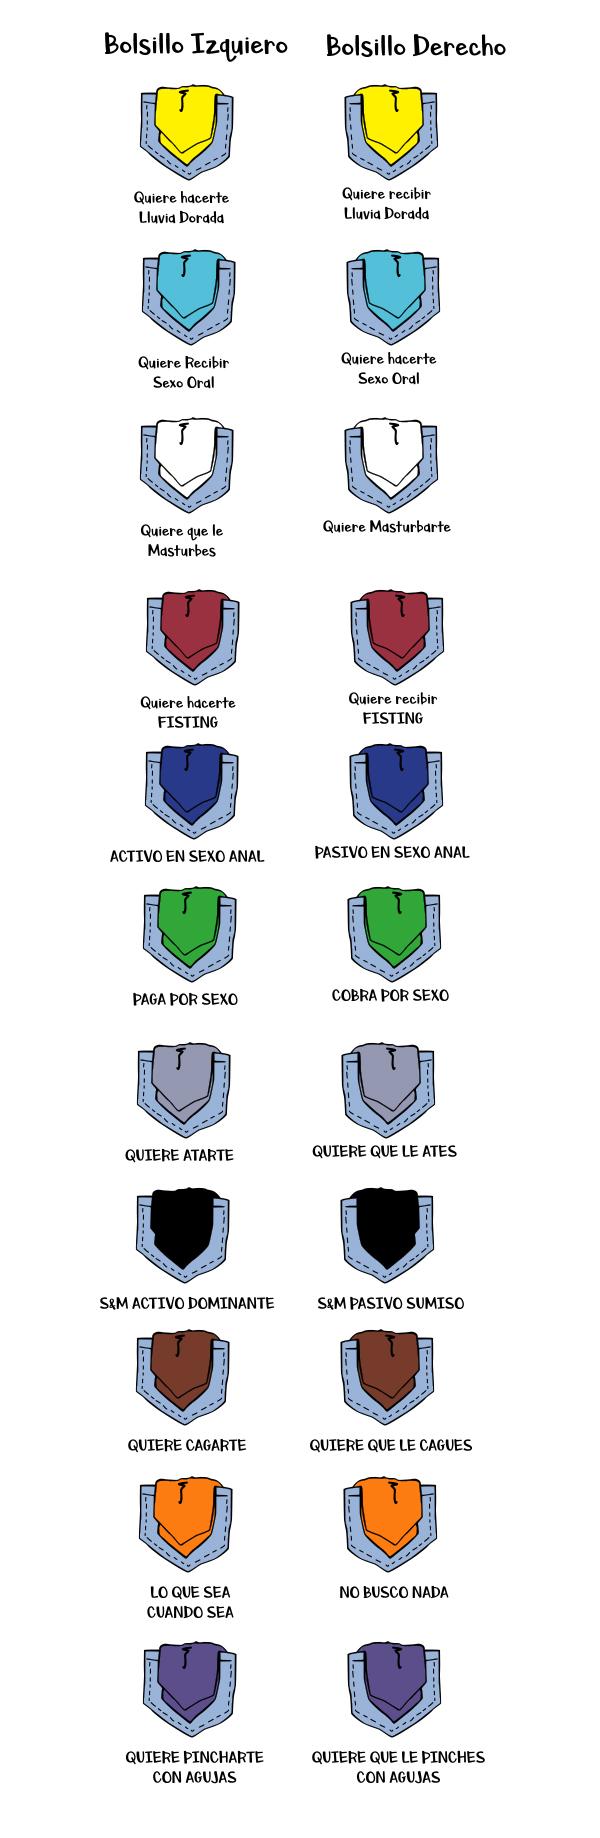 codigo-panuelos-gay-mastersex